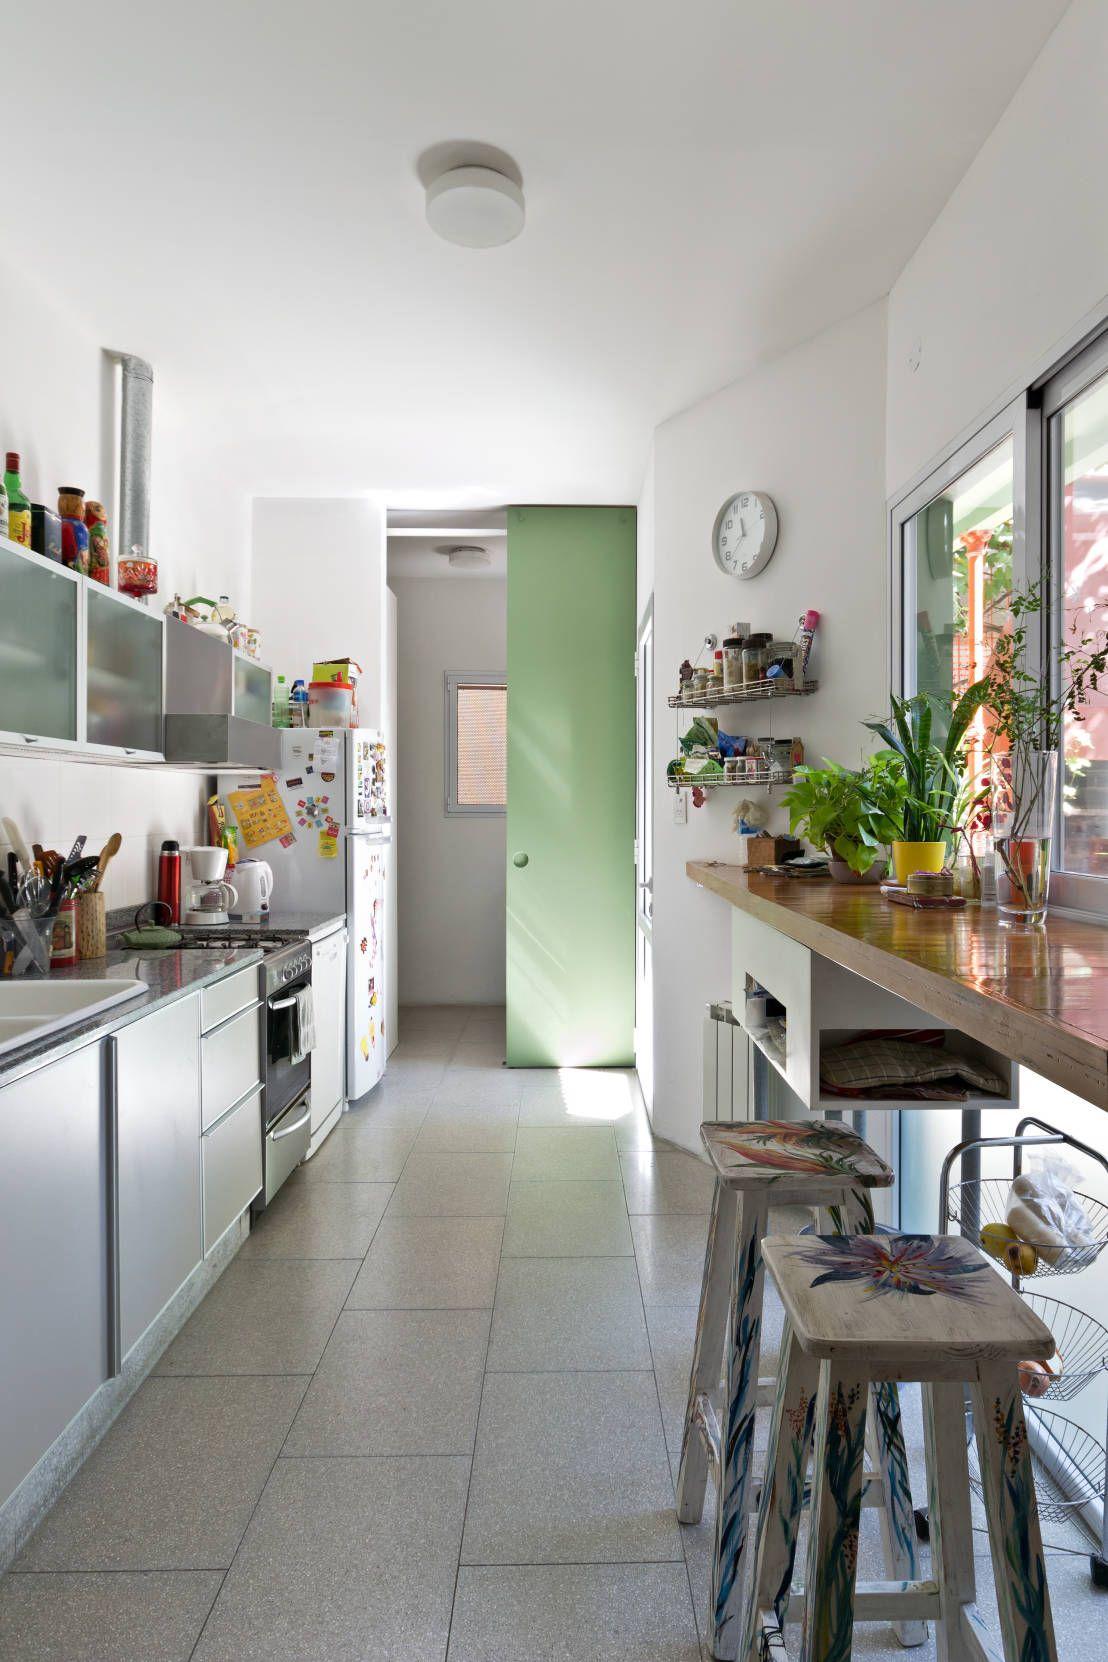 Cocinas estilo galera: Diseños que se adaptan a tu espacio